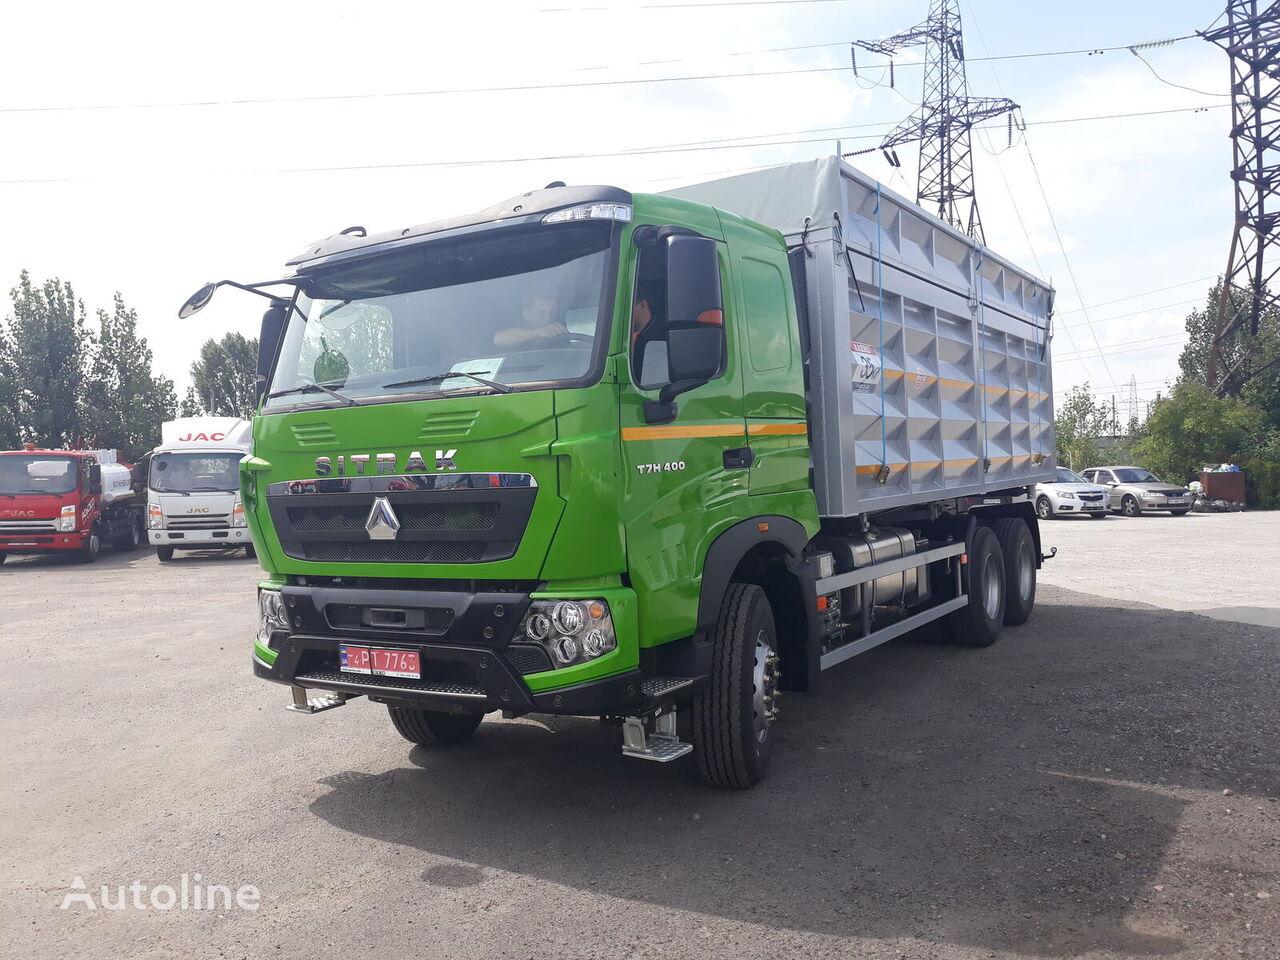 jauns HOWO T7H kravas automašīna graudu pārvadāšanai